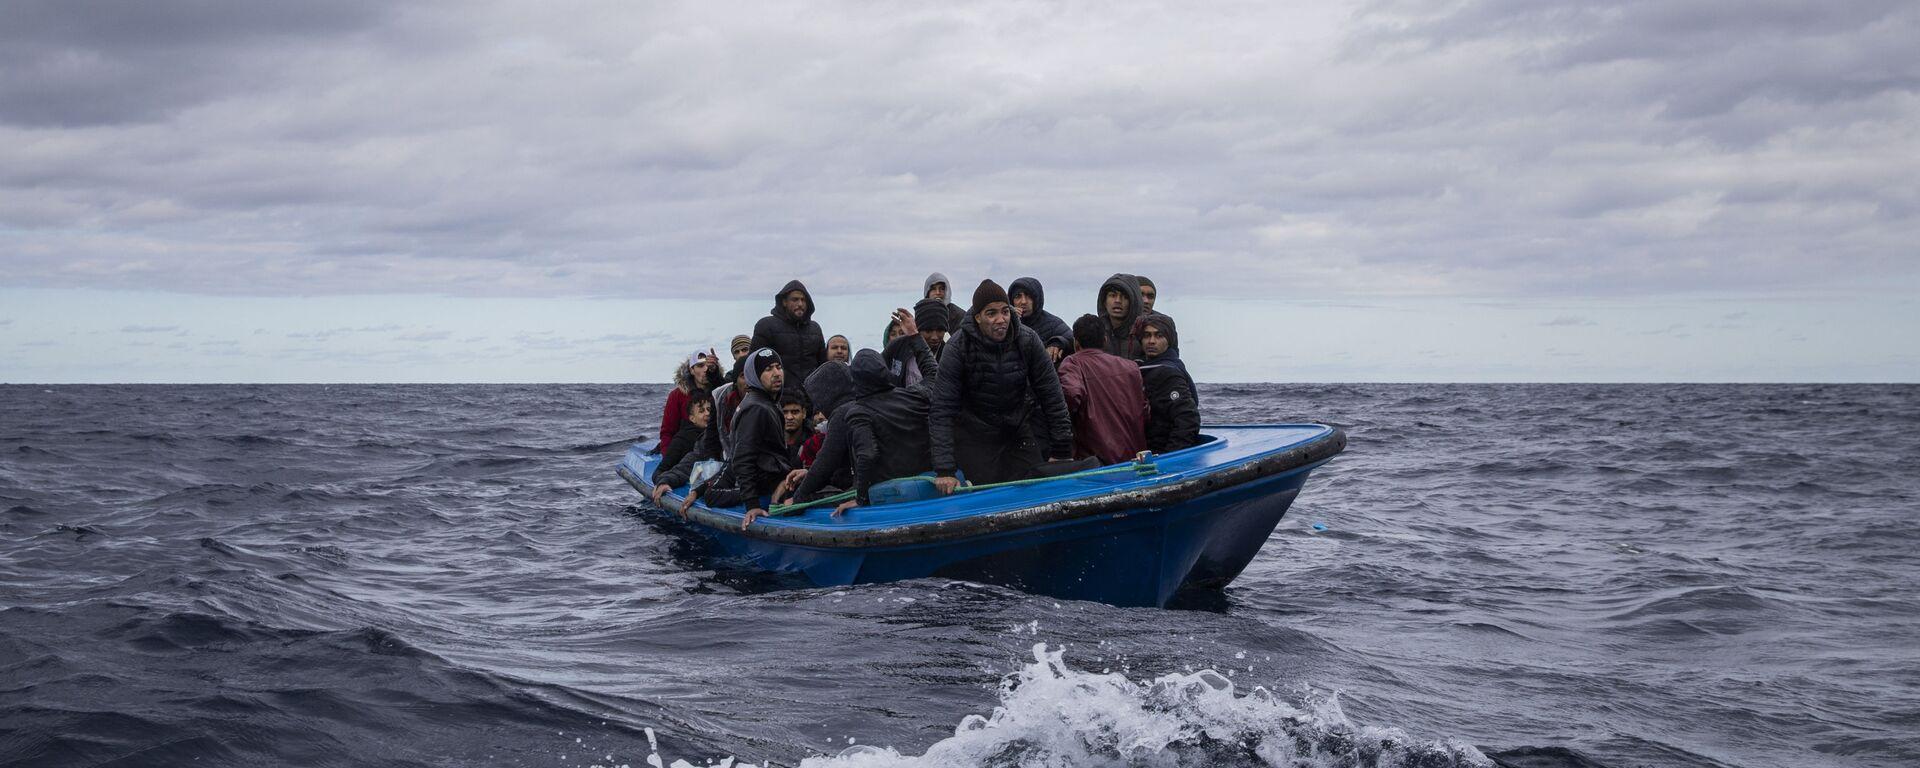 Uprchlíci z Maroka a Bangladéše v dřevěné lodi ve Středozemním moři - Sputnik Česká republika, 1920, 27.05.2021